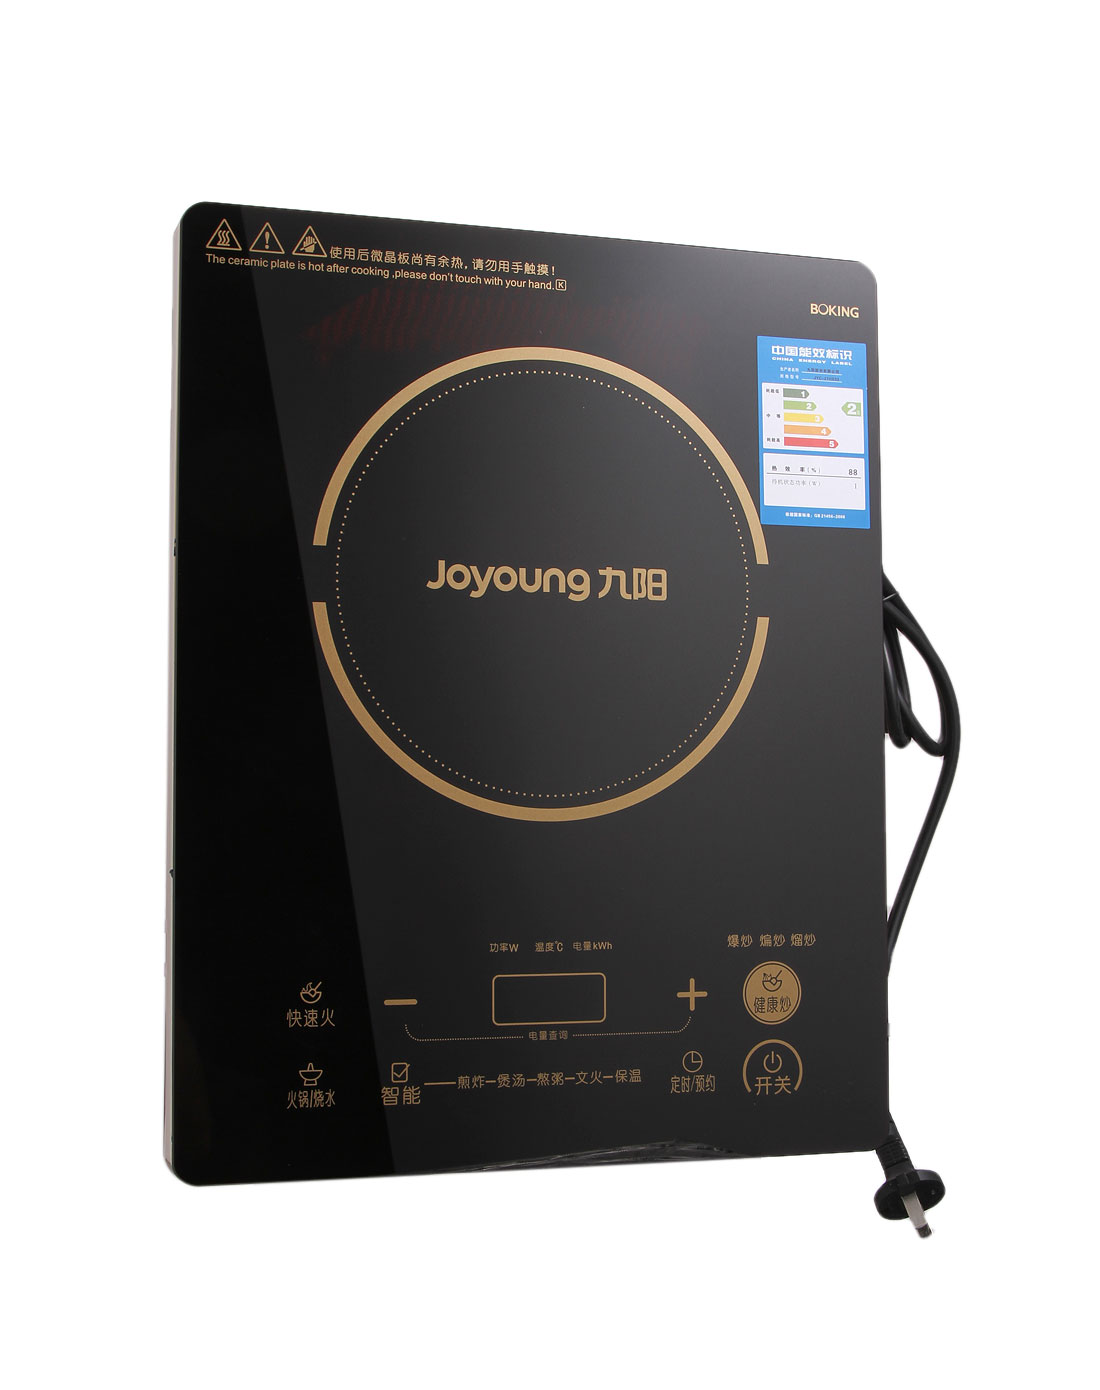 """九阳joyoung小""""健康炒""""触摸智能电磁炉jyc-21hs33"""